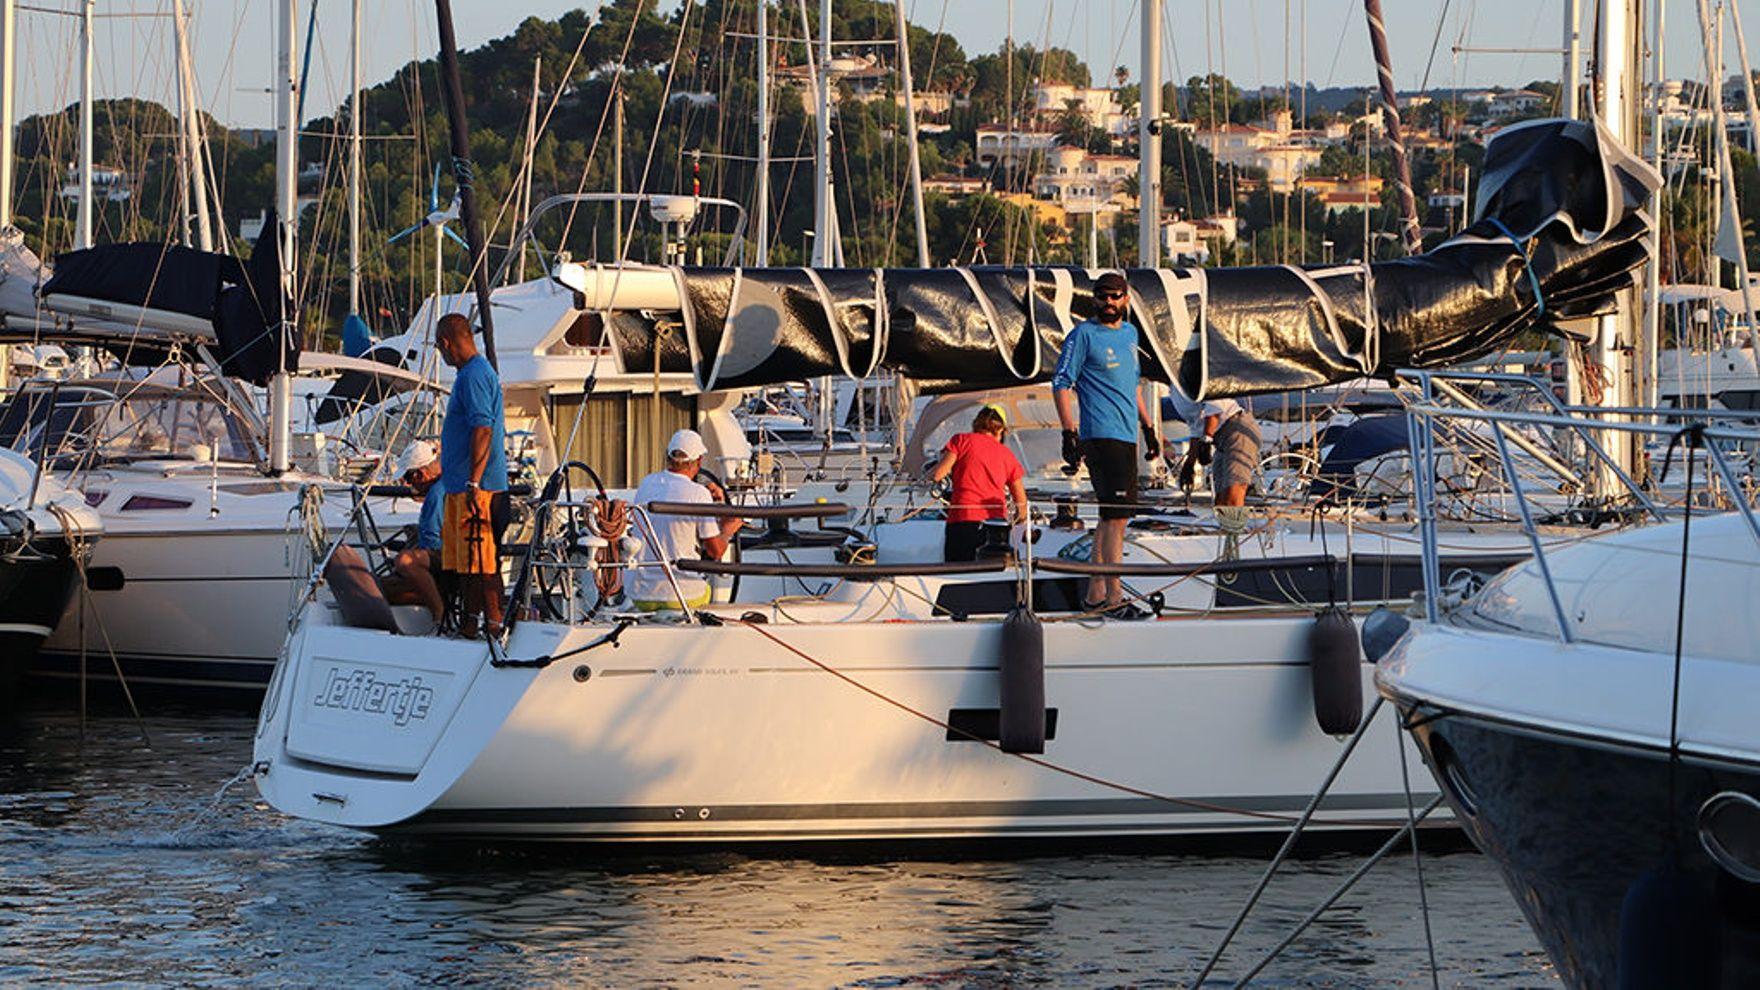 Copa del Canal regatta